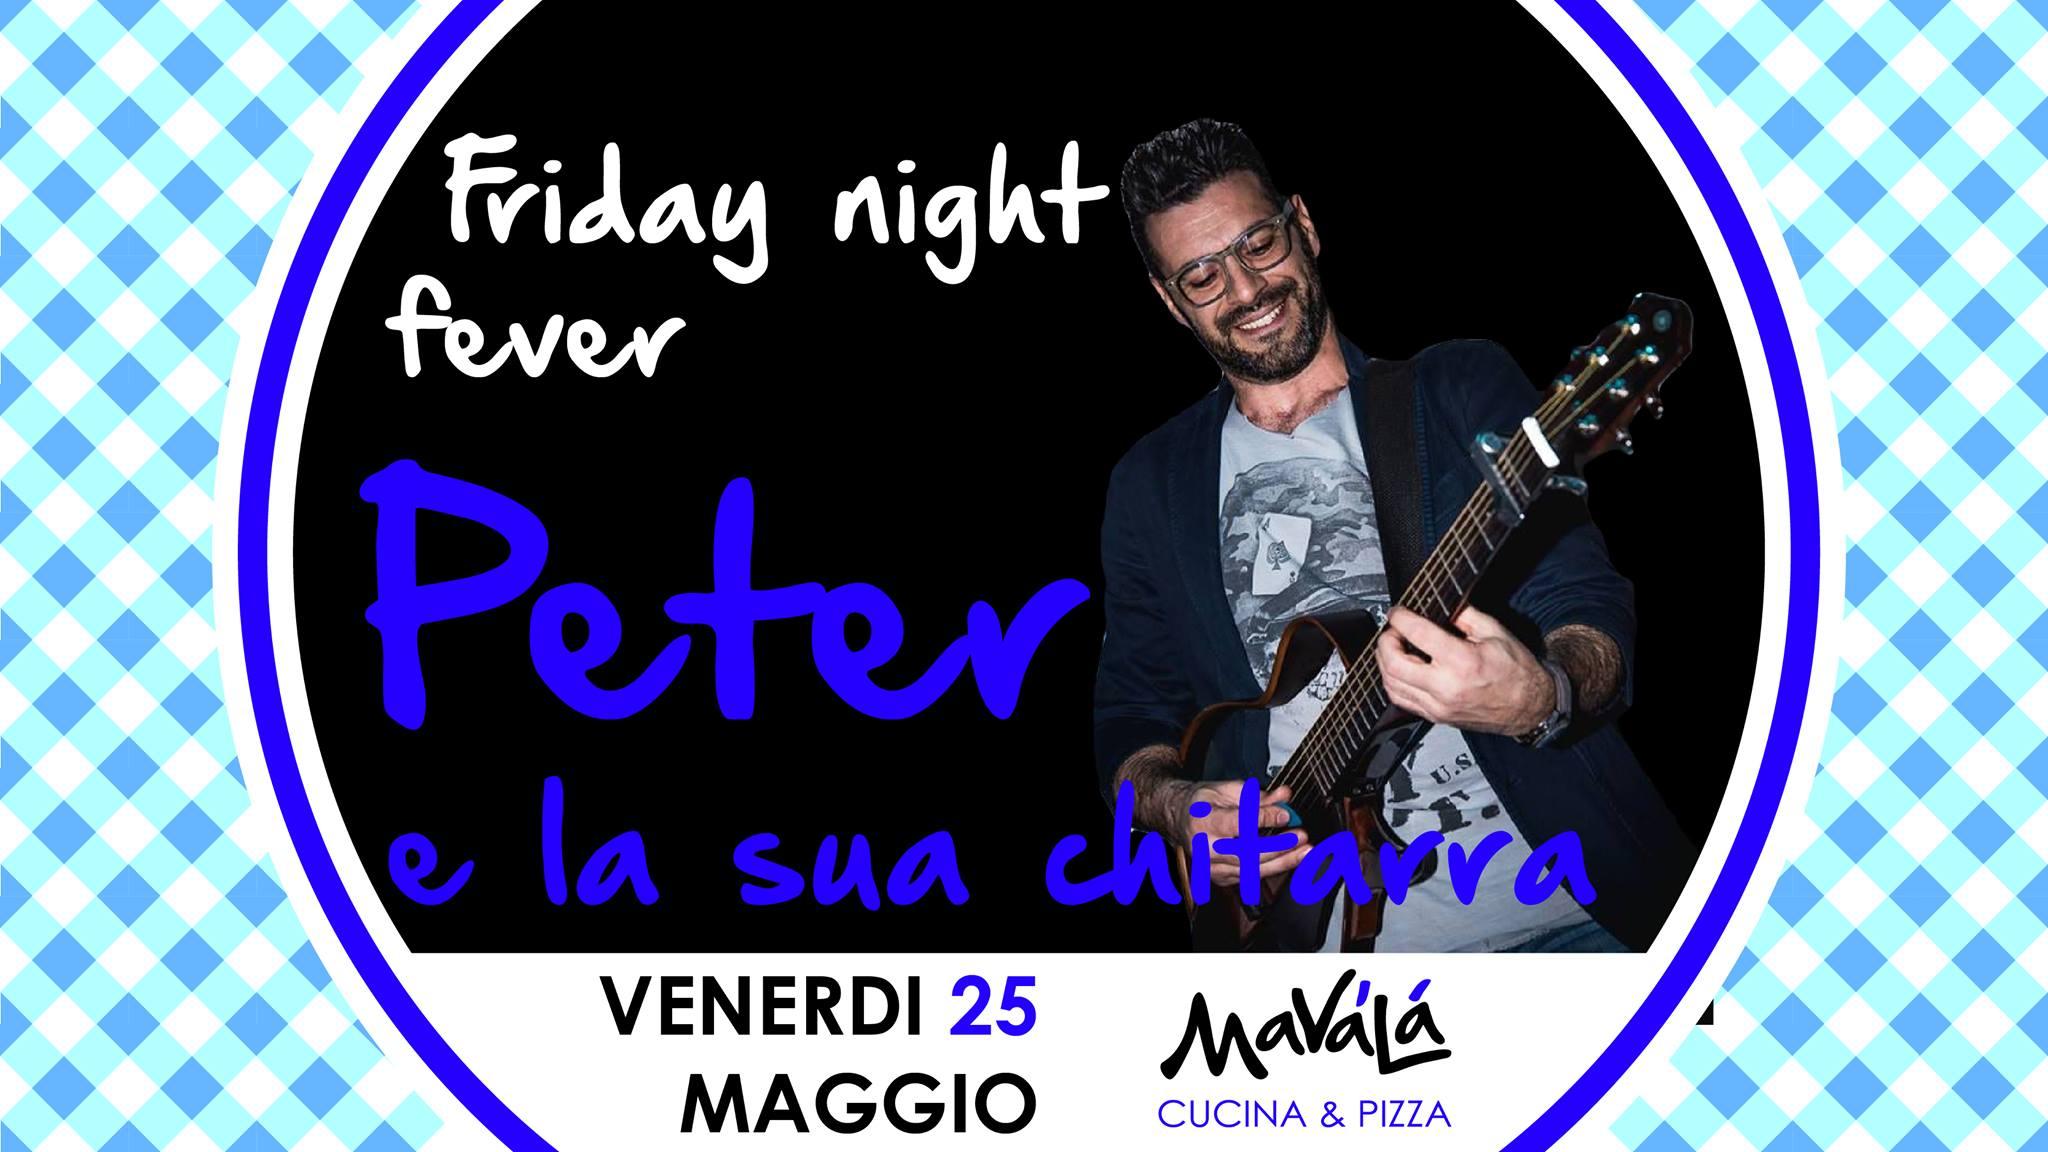 Peter e la sua chitarra2